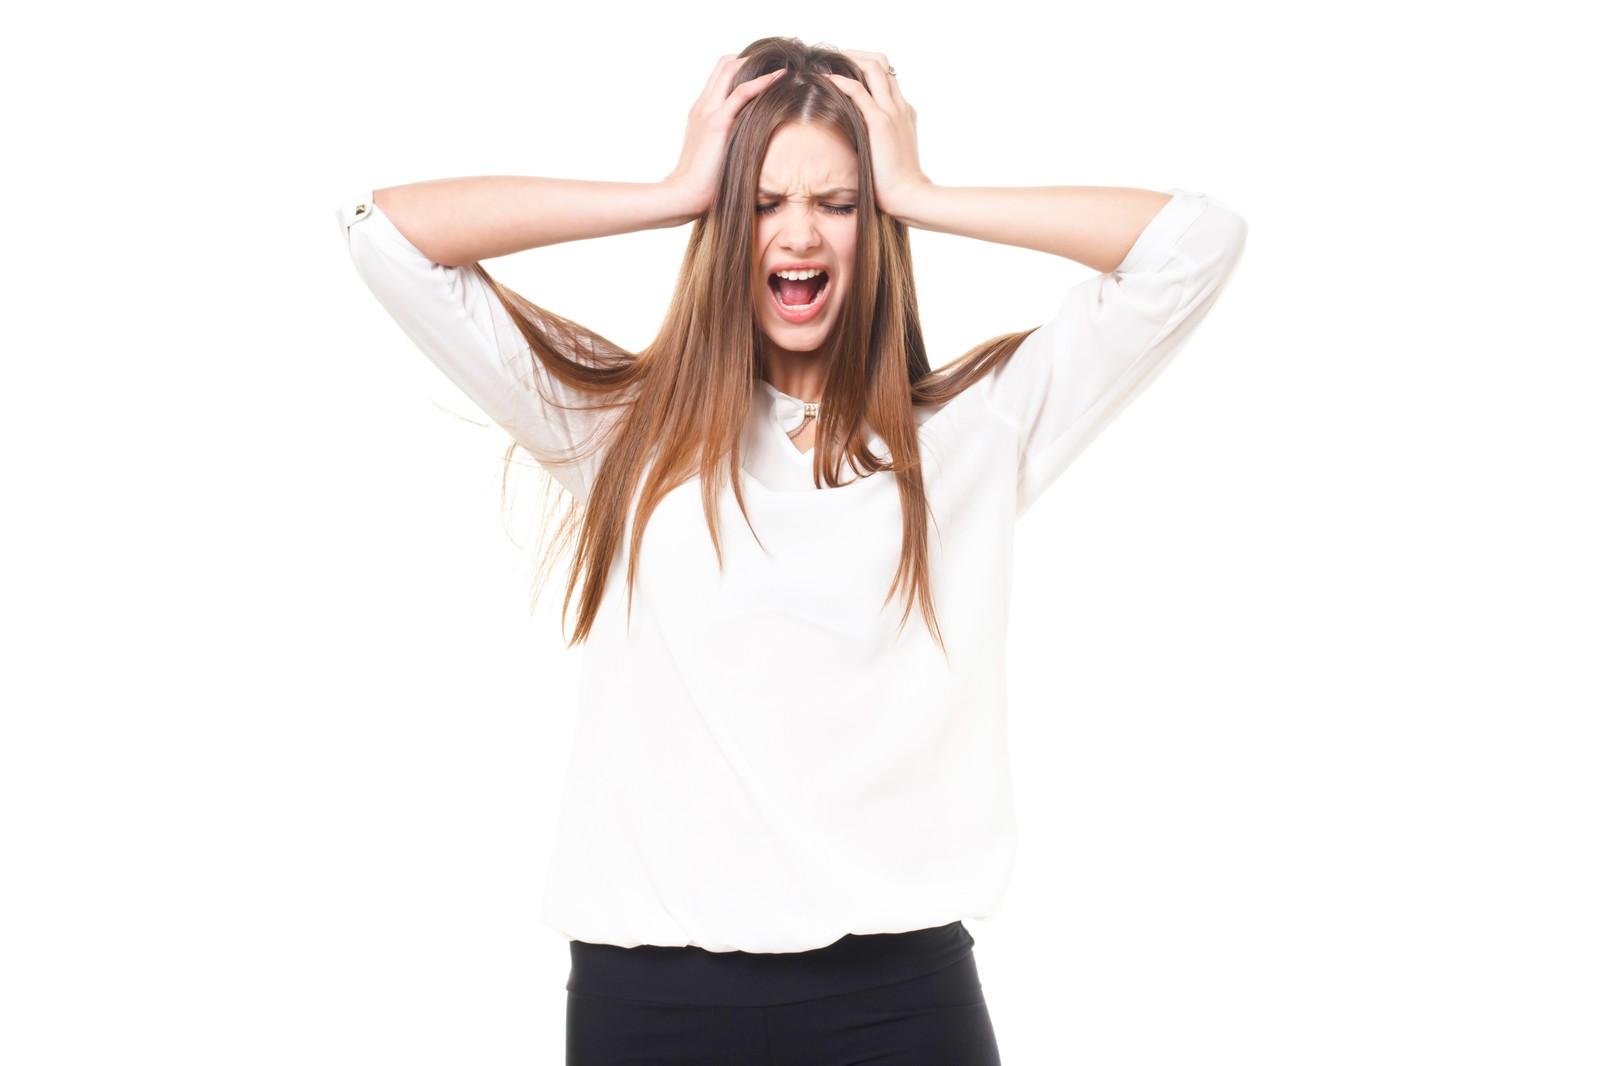 あなたの頭痛はどんな頭痛?場所や種類でわかる頭痛の対処法